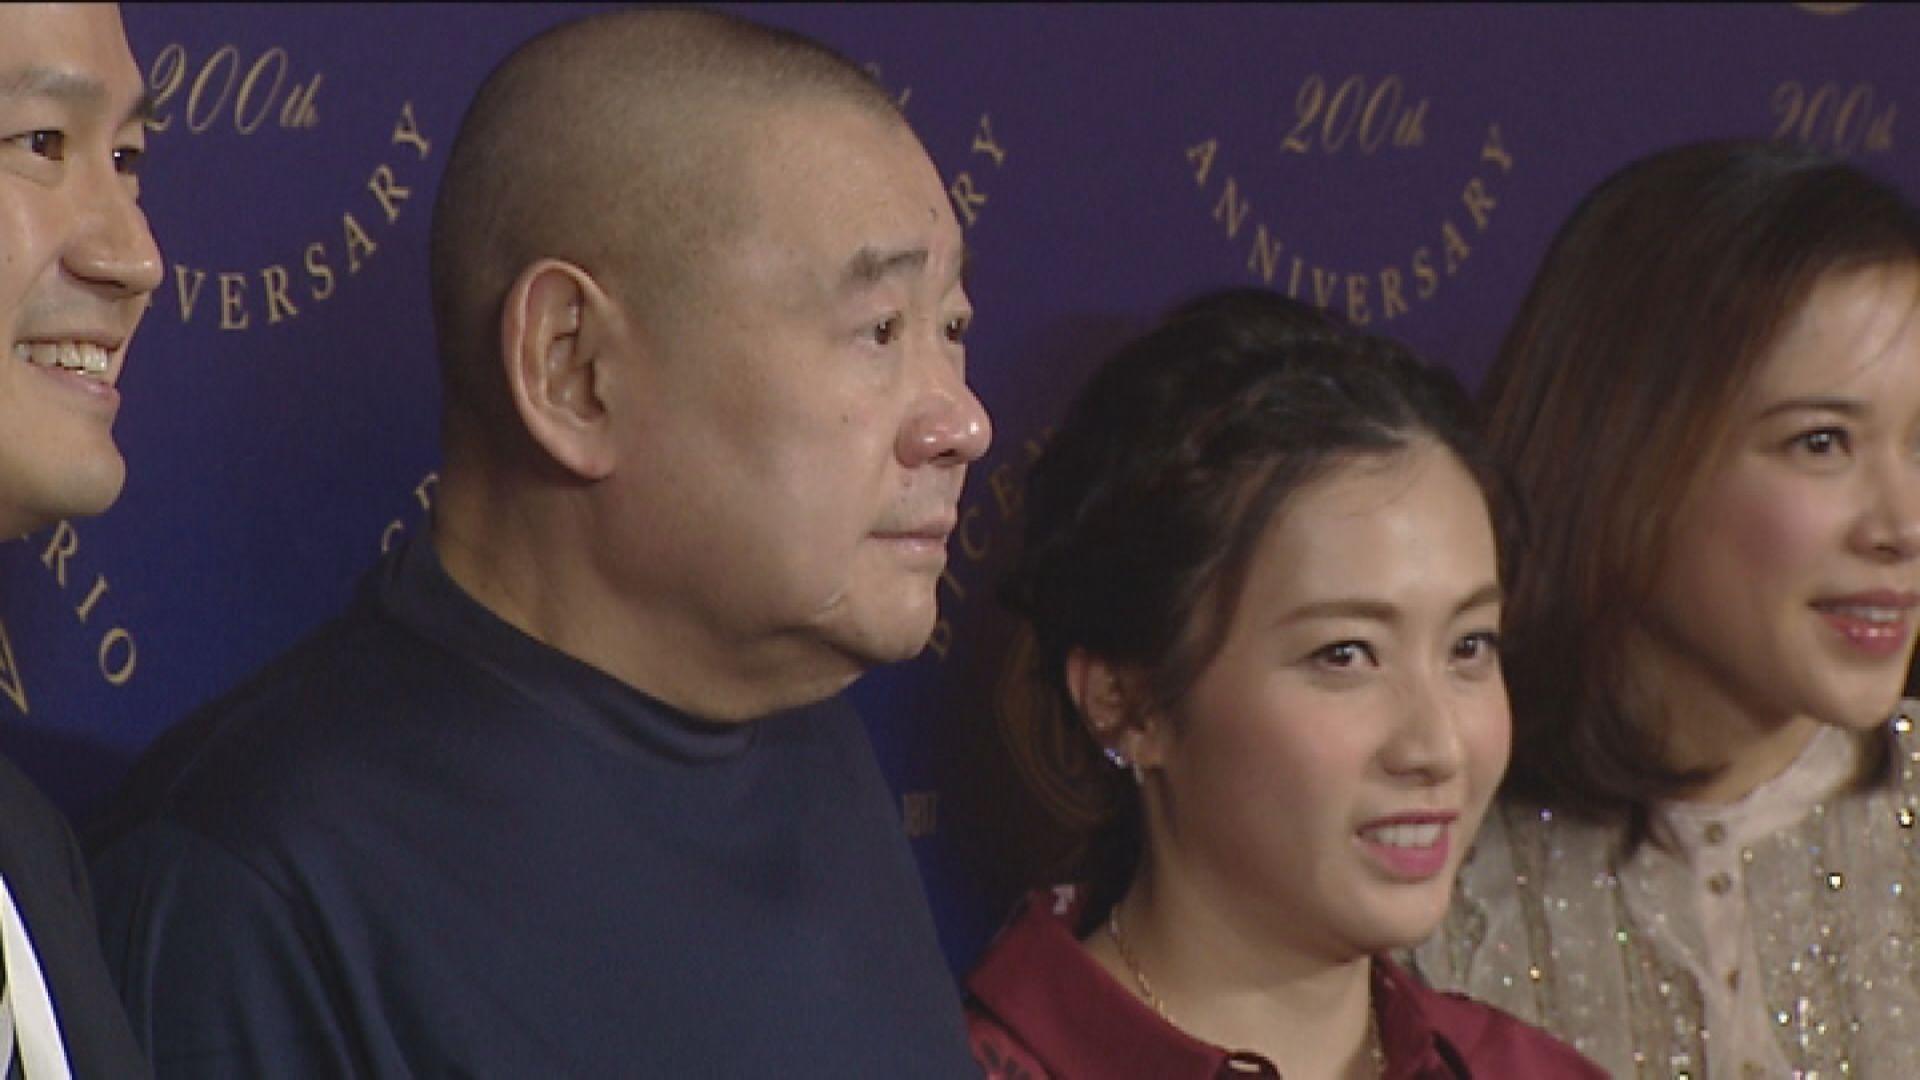 劉鑾雄就逃犯條例修訂向高院提司法覆核